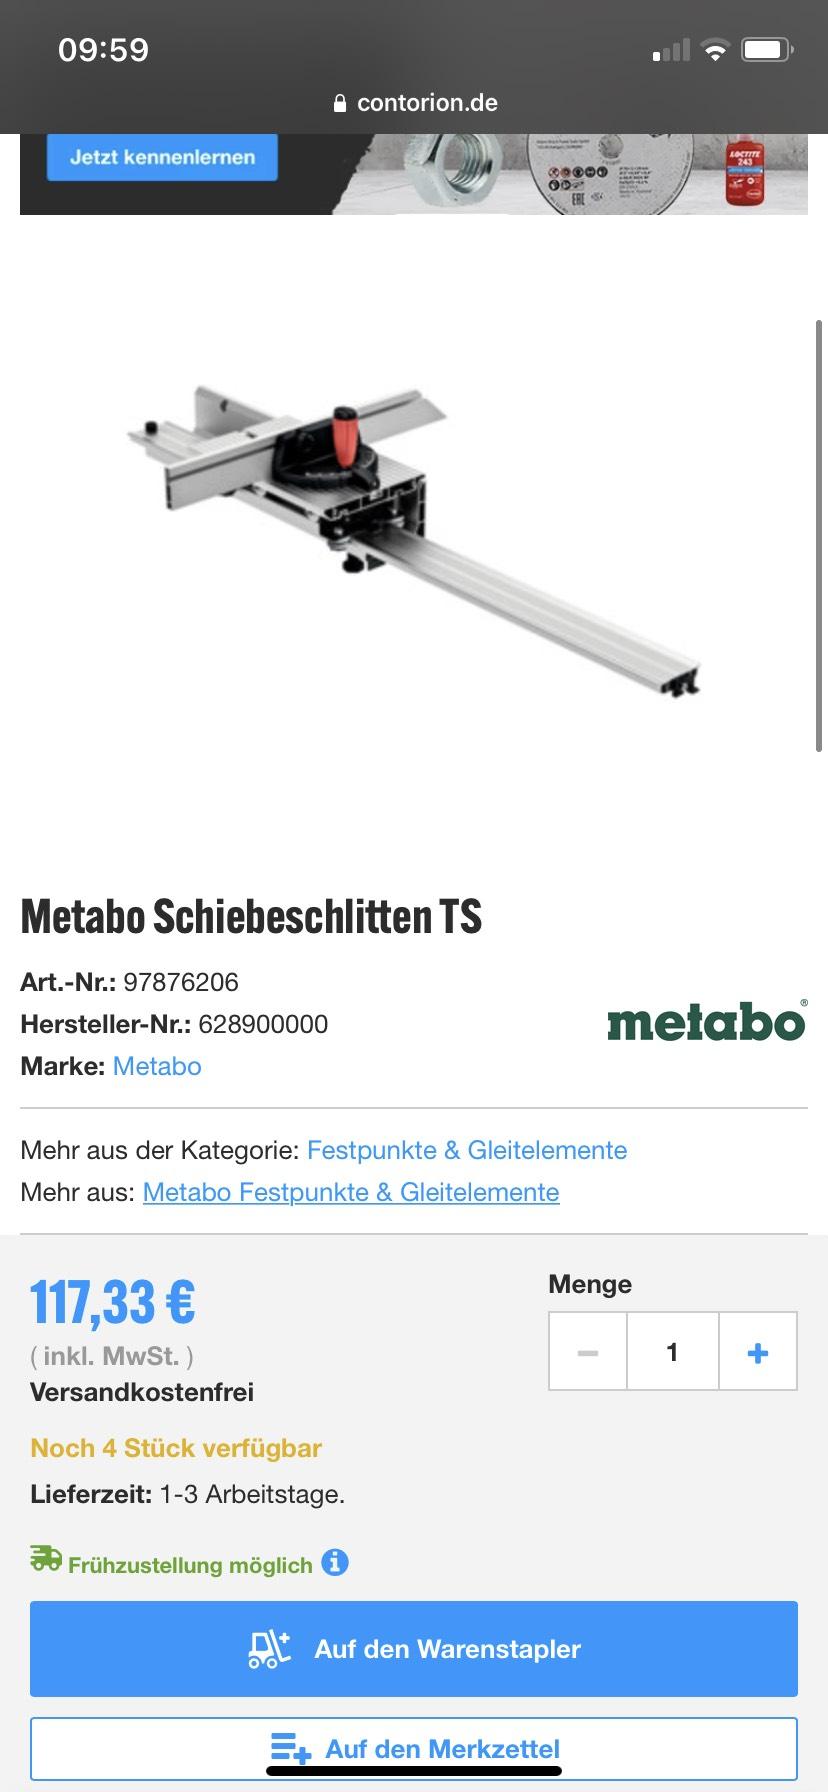 Metabo Schiebeschlitten TS